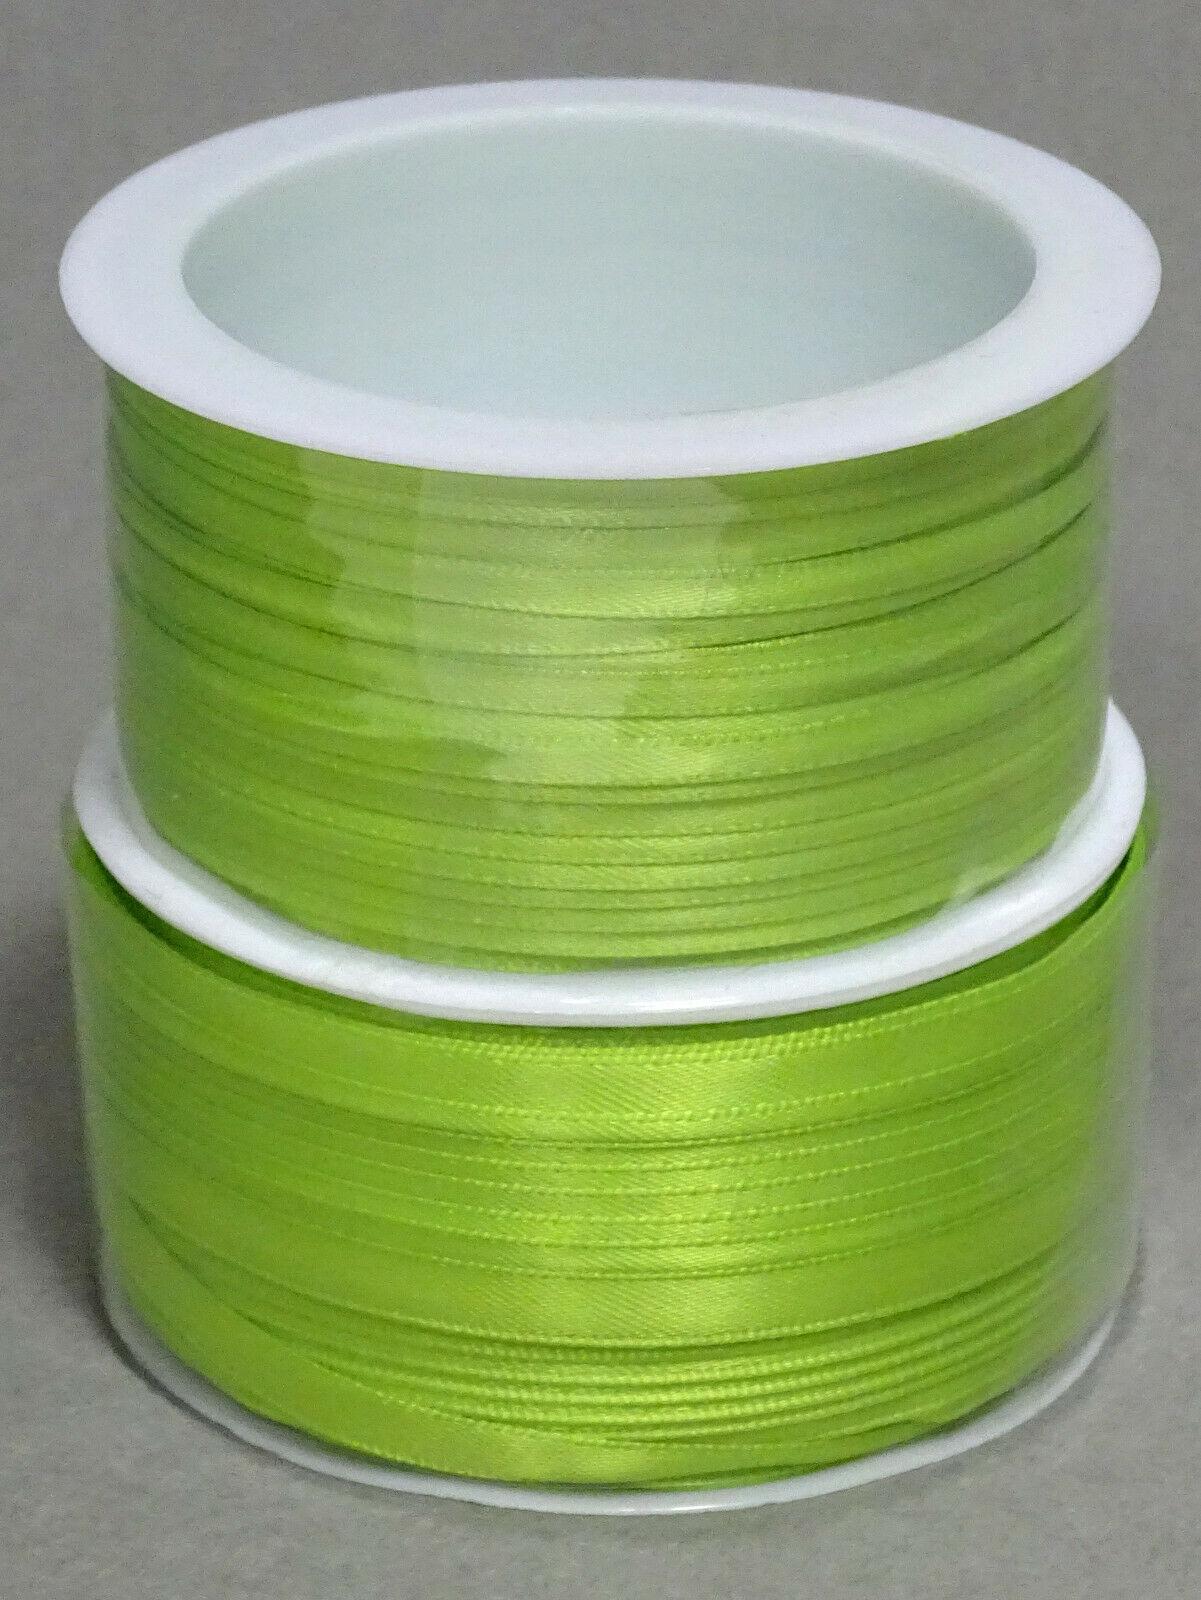 Satinband Schleifenband 50m x 3mm / 6mm Dekoband ab 0,05 €/m Geschenkband Rolle - Kiwi 210, 6 mm x 50 m